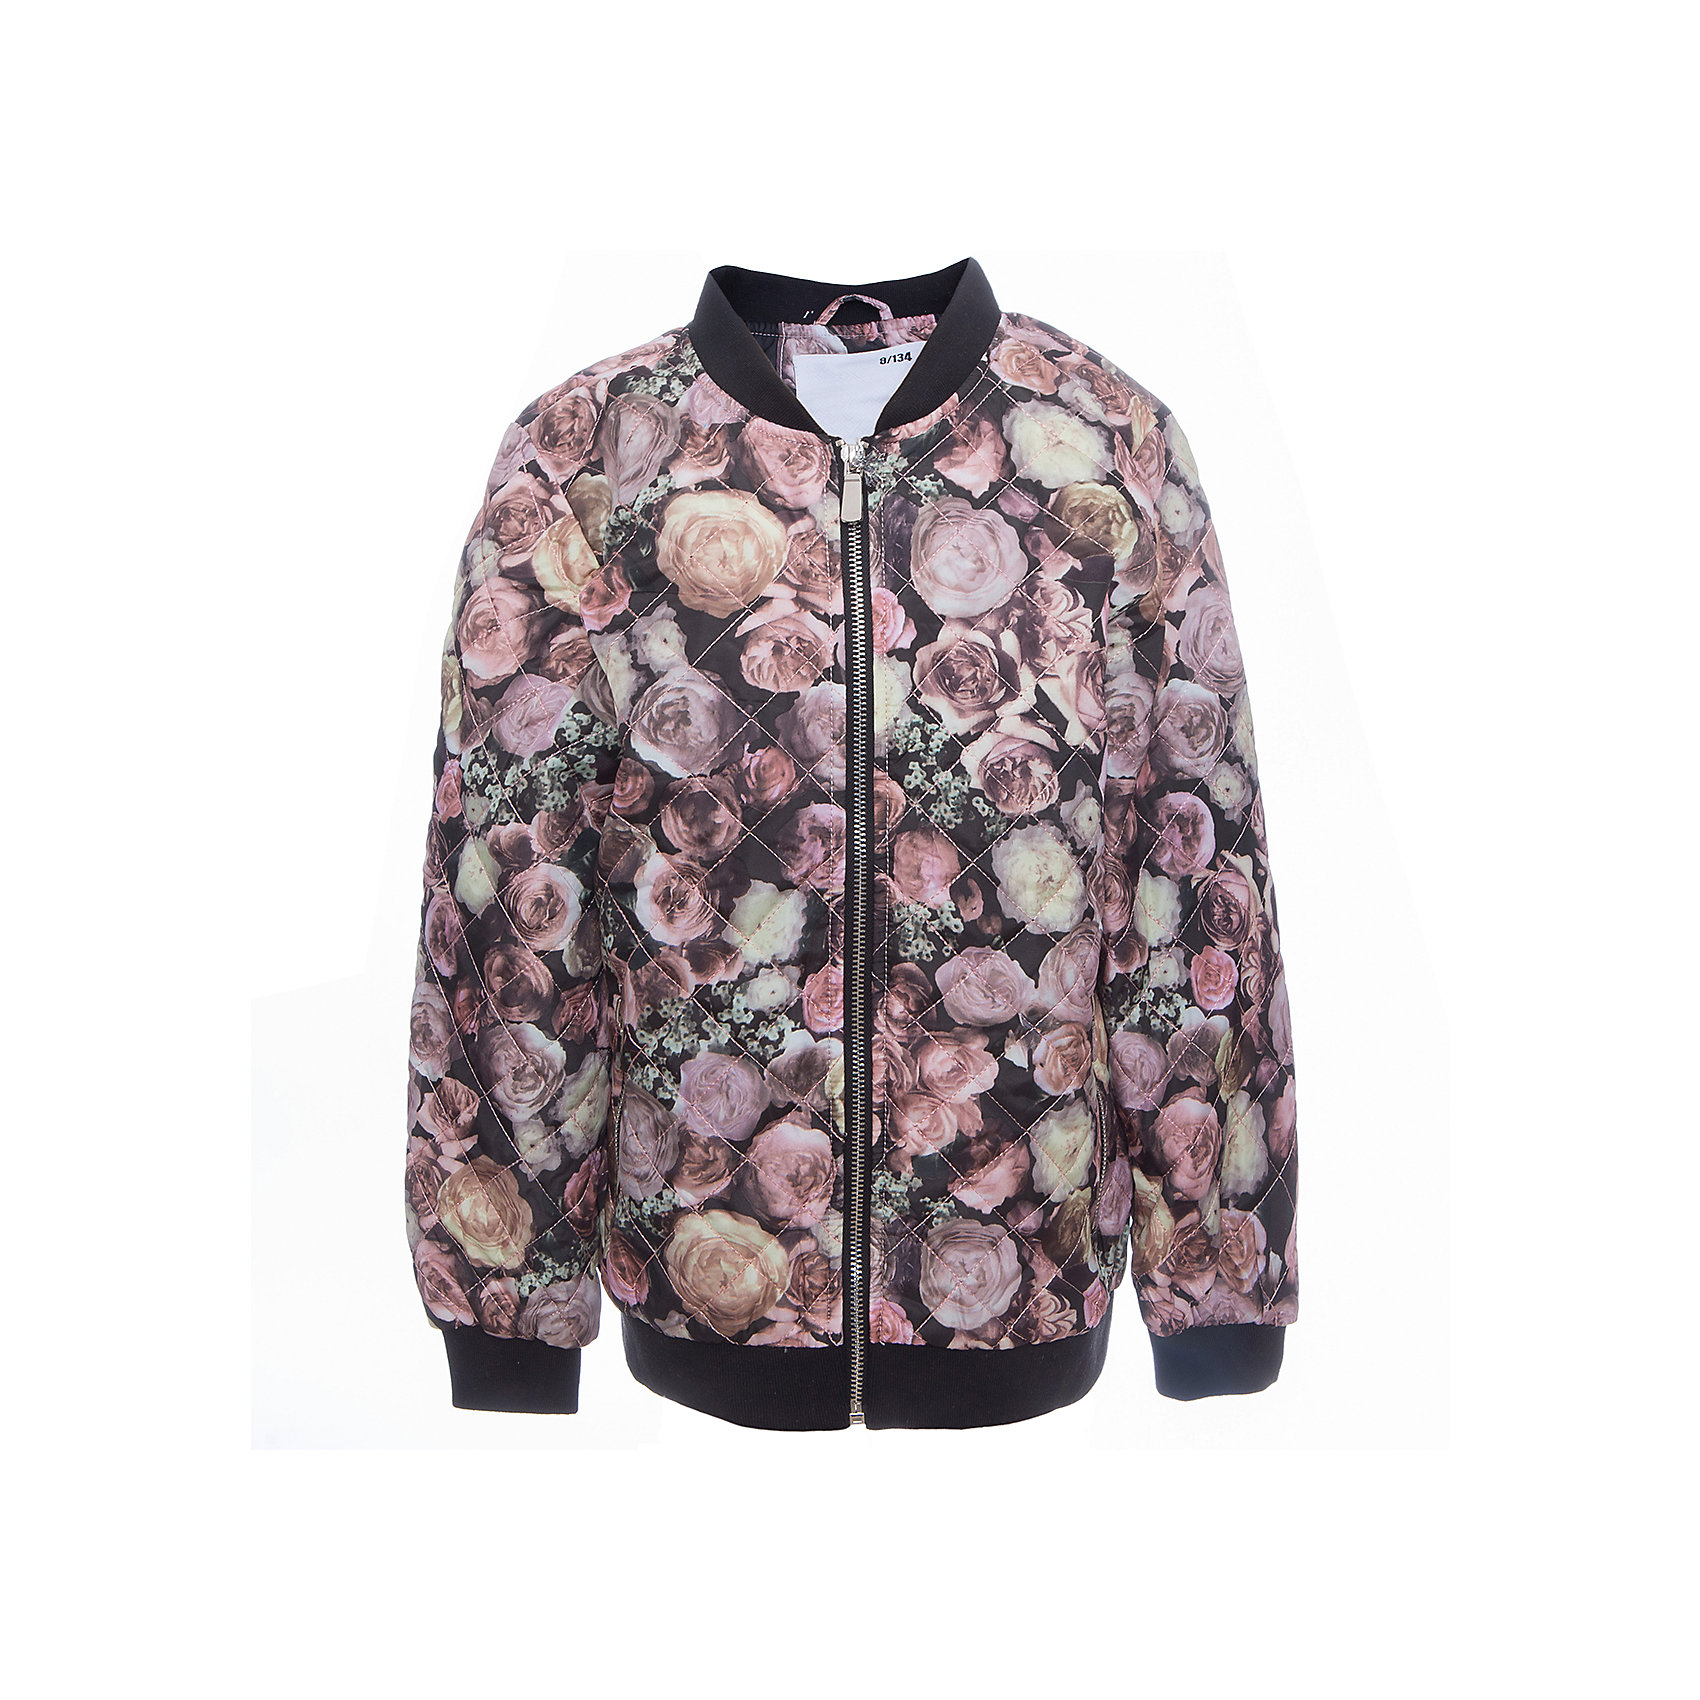 Куртка для девочки LuminosoВерхняя одежда<br>Стильная, стеганая куртка для девочки с воротником-стойкой декорированная цветочным принтом. Два прорезных карманы. Застегивается на молнию.<br>Состав:<br>Верх: 100%полиэстер.  Подкладка: 100%полиэстер. Наполнитель: 100%полиэстер<br><br>Ширина мм: 356<br>Глубина мм: 10<br>Высота мм: 245<br>Вес г: 519<br>Цвет: черный<br>Возраст от месяцев: 96<br>Возраст до месяцев: 108<br>Пол: Женский<br>Возраст: Детский<br>Размер: 134,140,146,152,158,164<br>SKU: 5413186